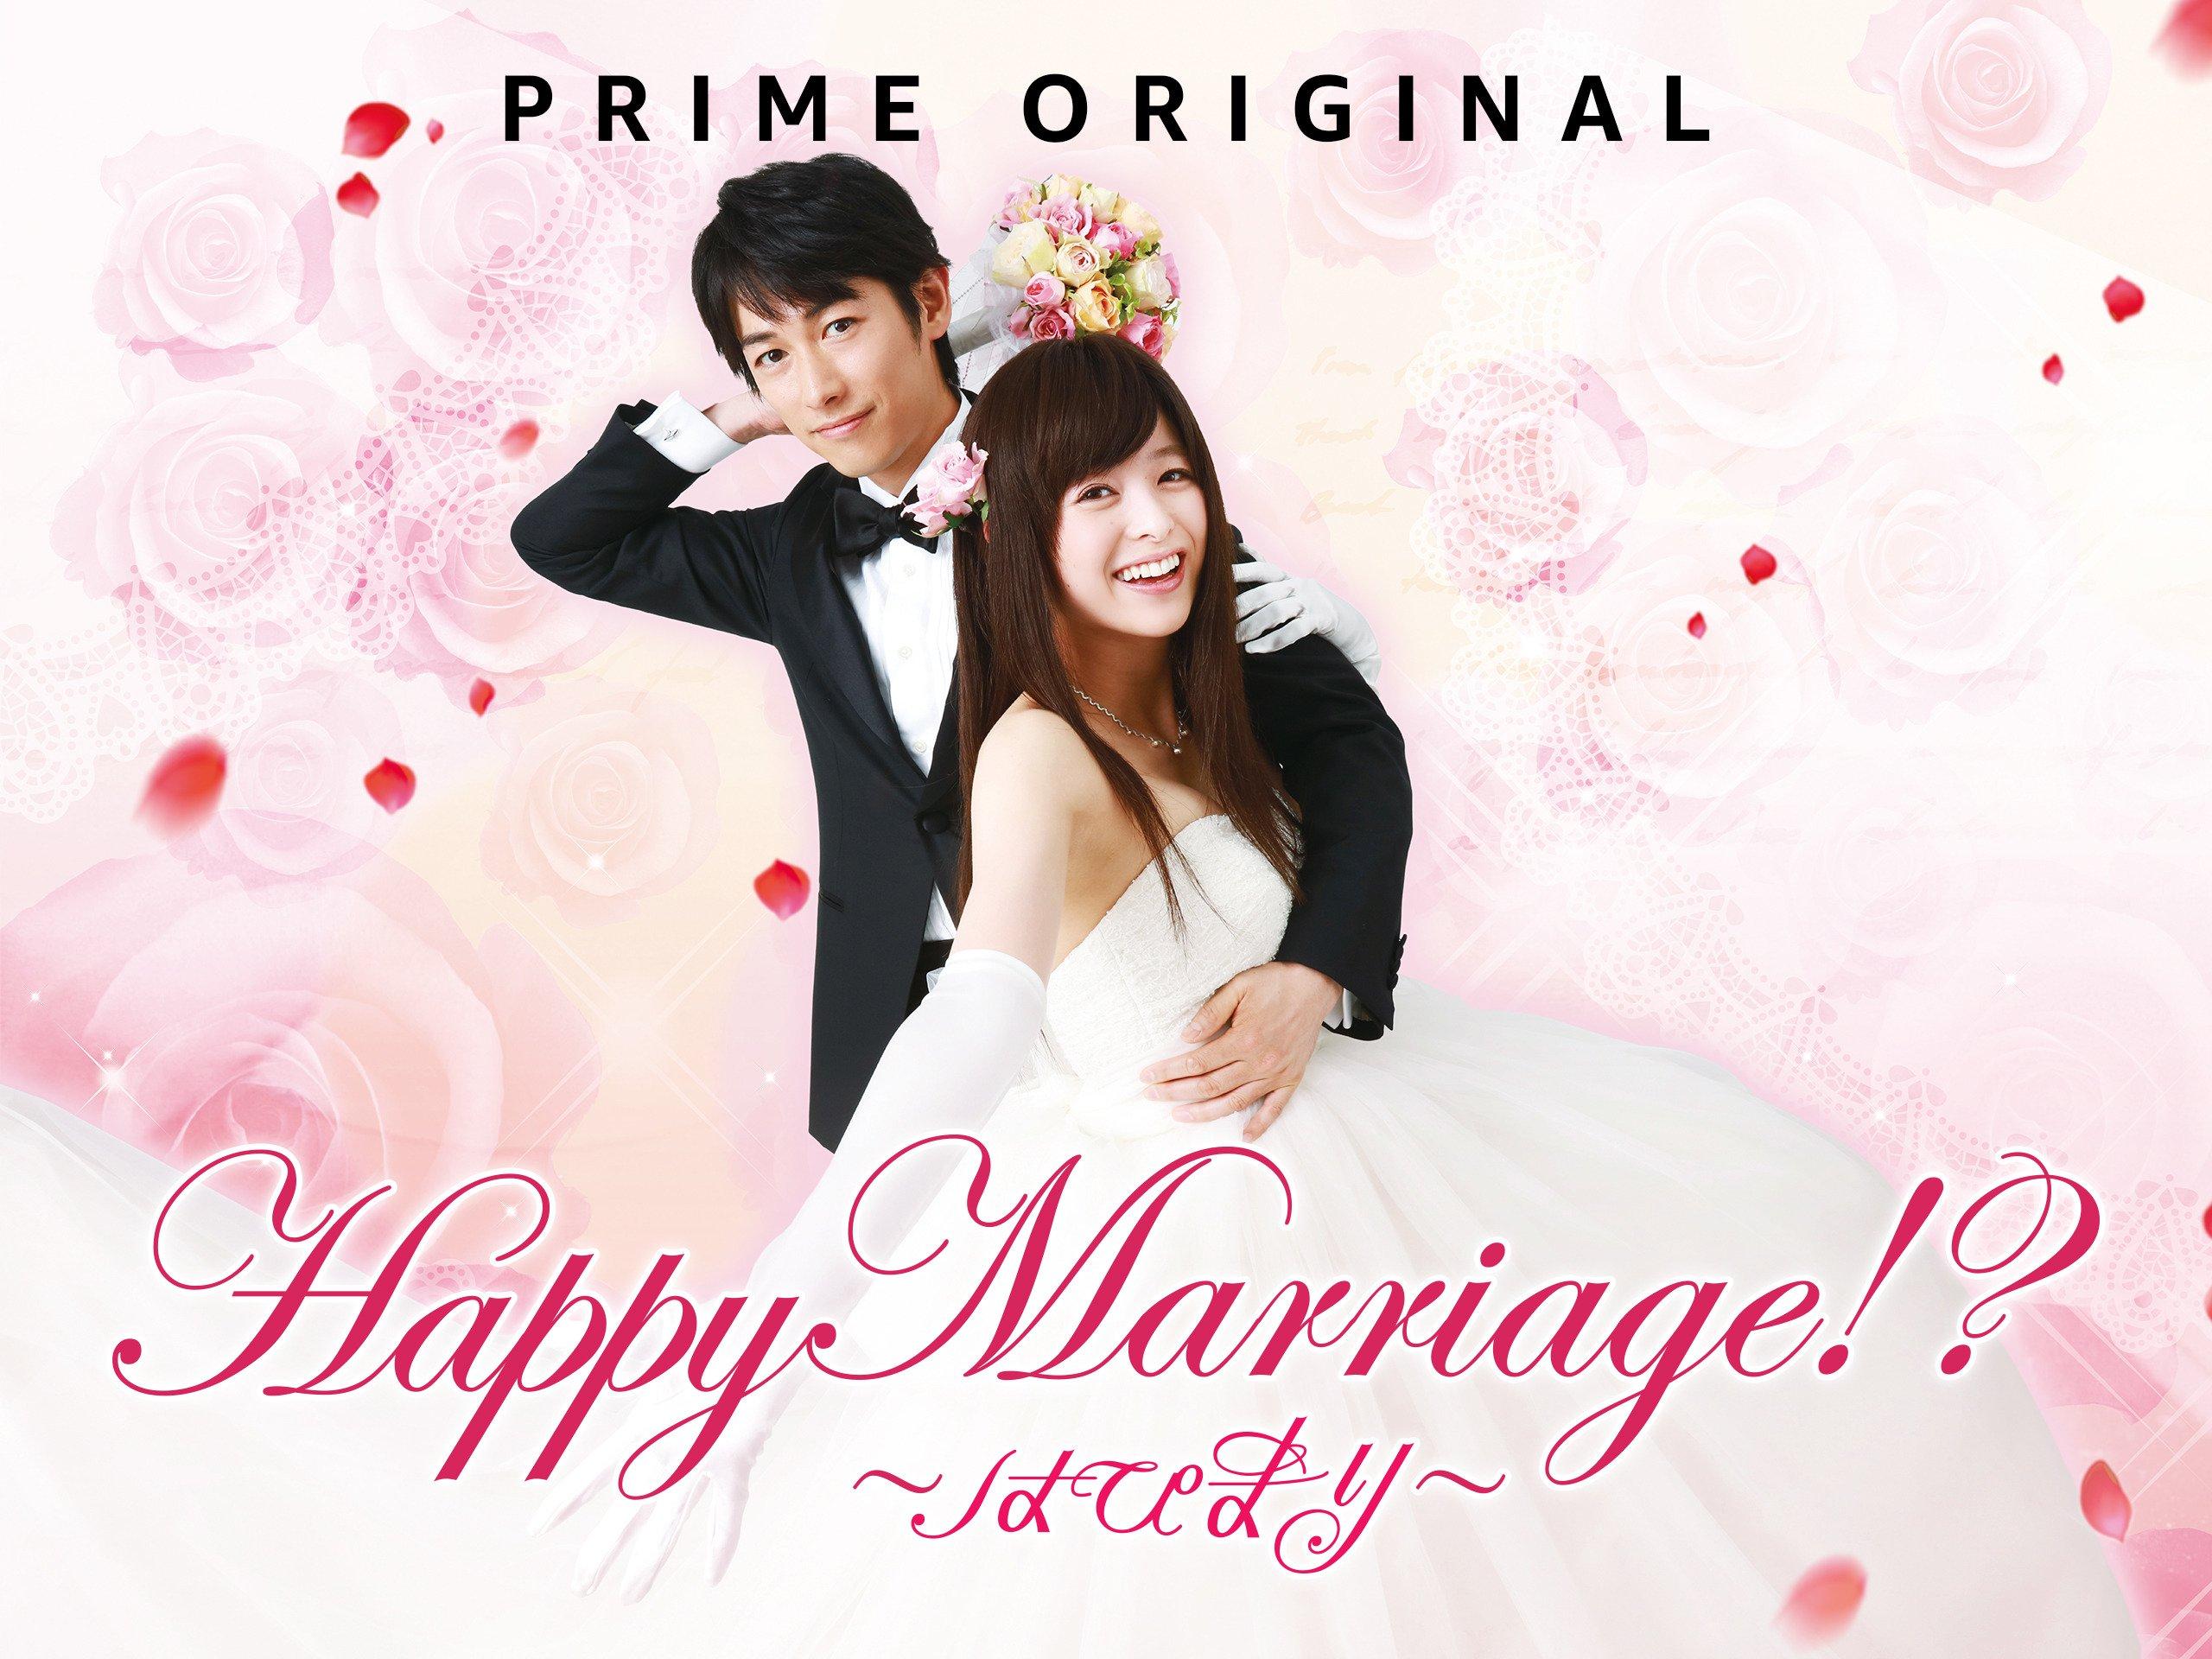 Happy Marriage!? Season 1 on Amazon Prime Instant Video UK